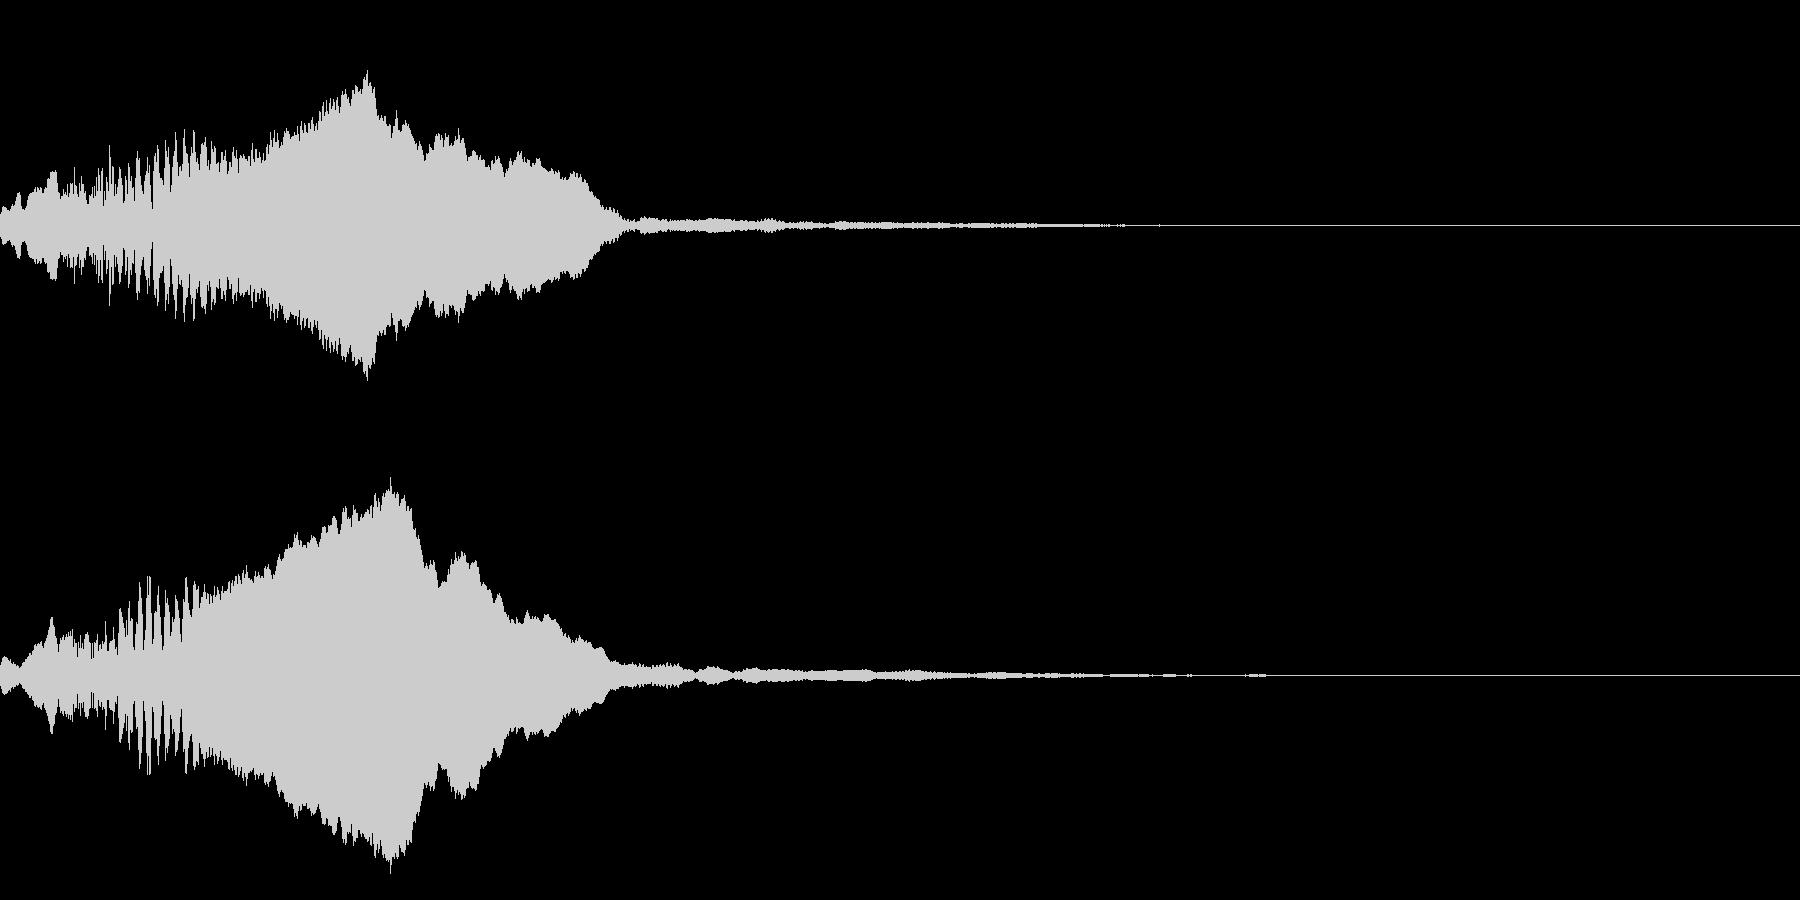 和風な笛(尺八)のインパクト ジングル1の未再生の波形